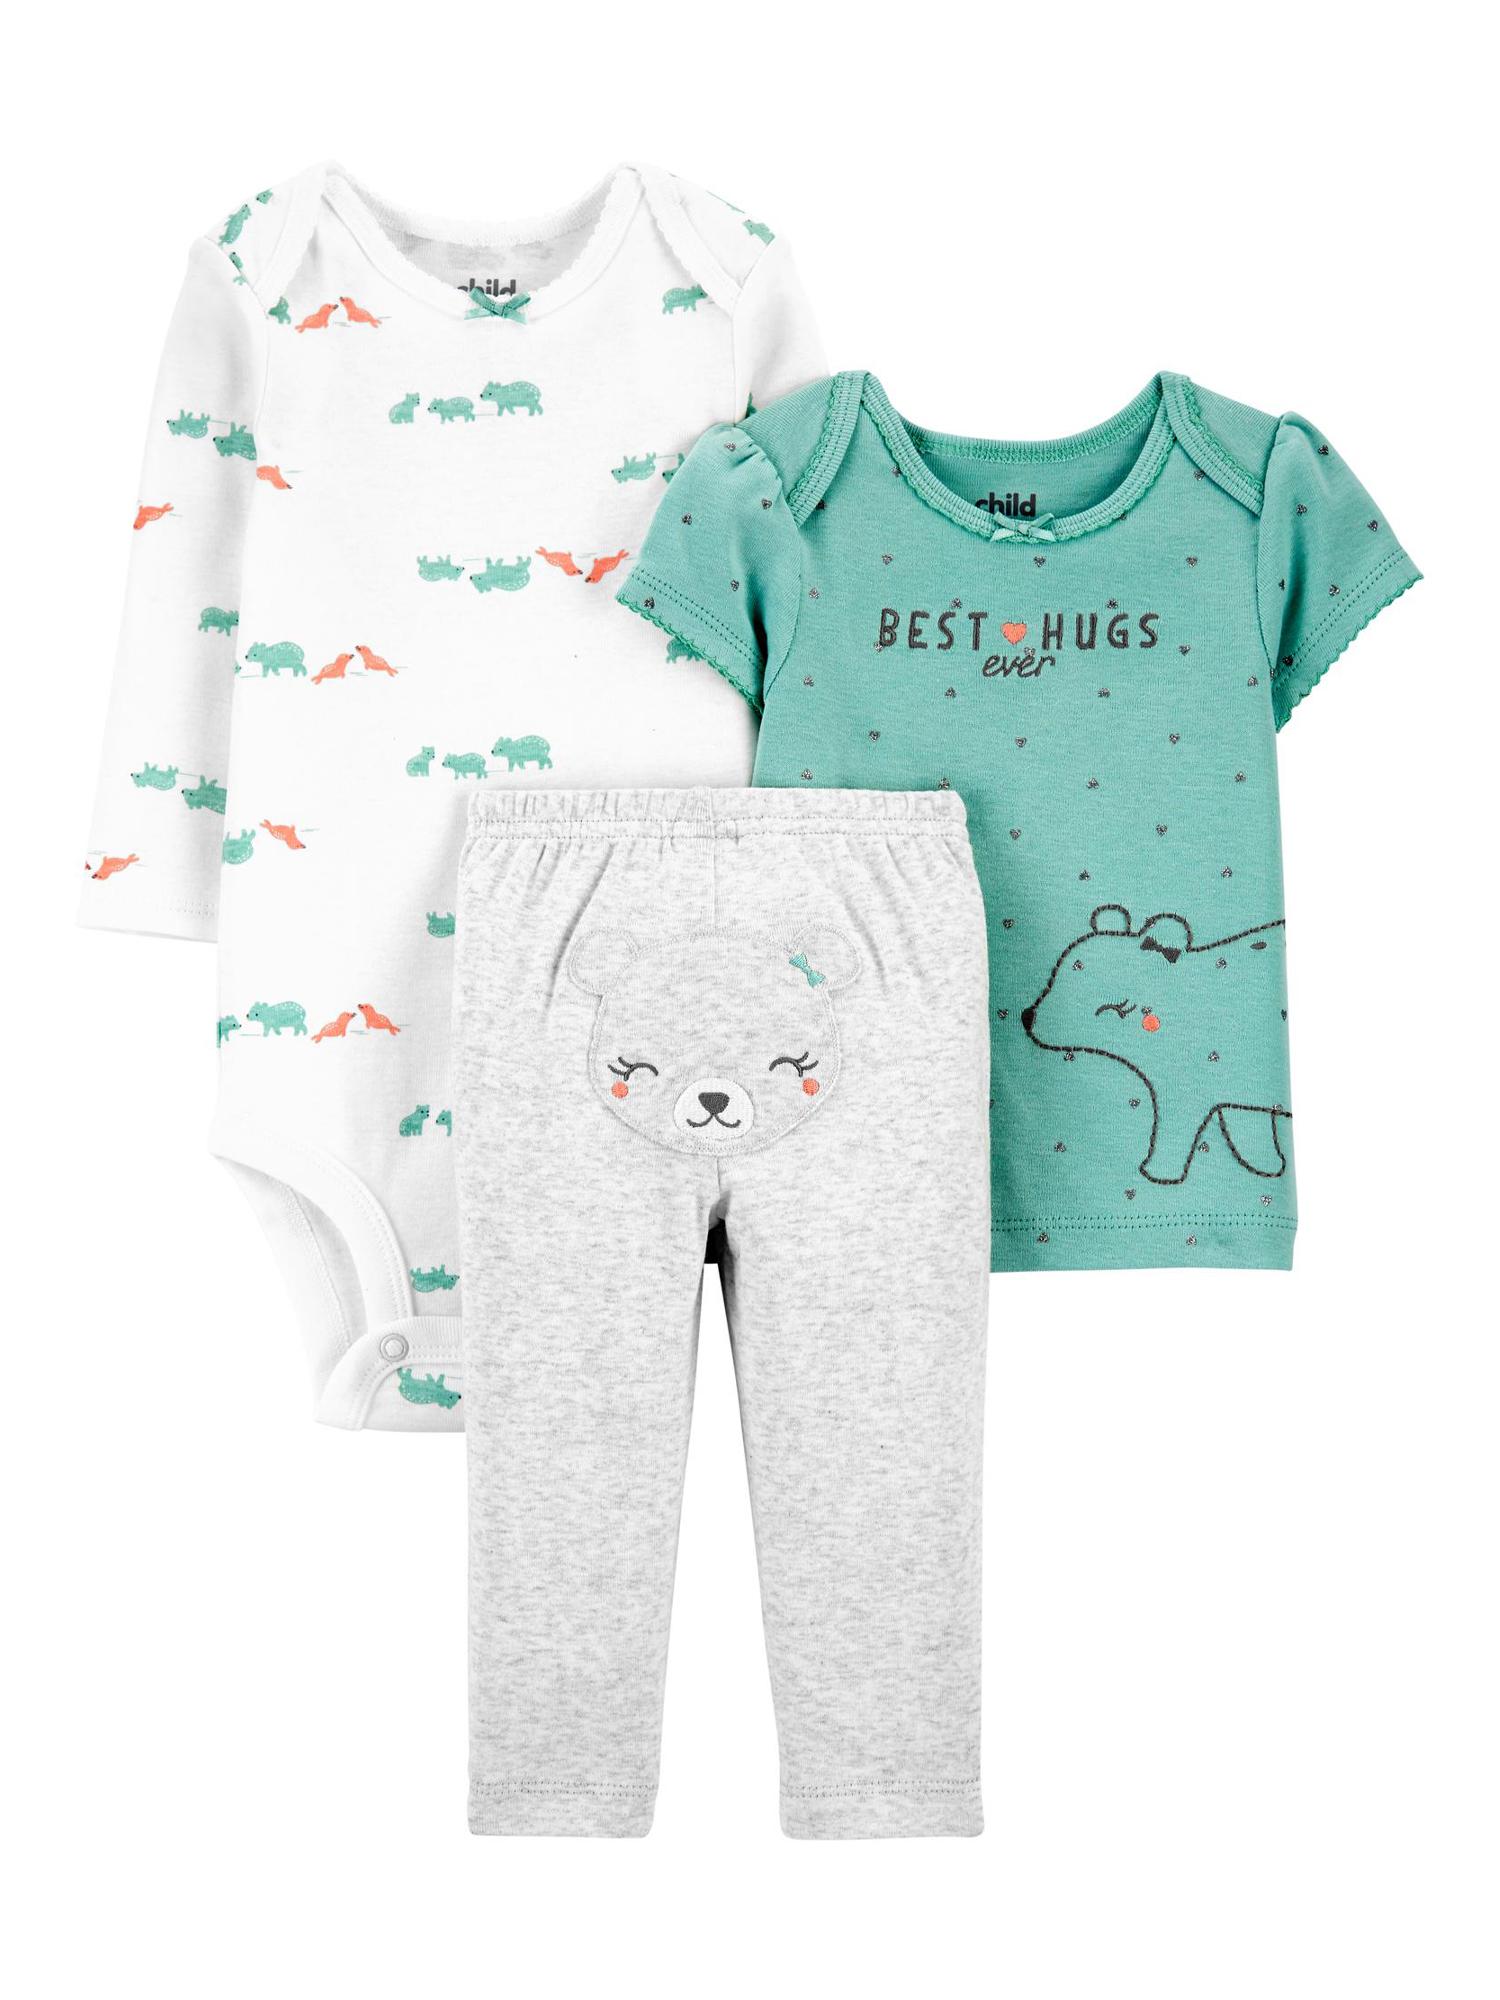 Simple Joys by Carters 3-Pack Snug Fit Footless Cotton Pajamas Bimbo 0-24